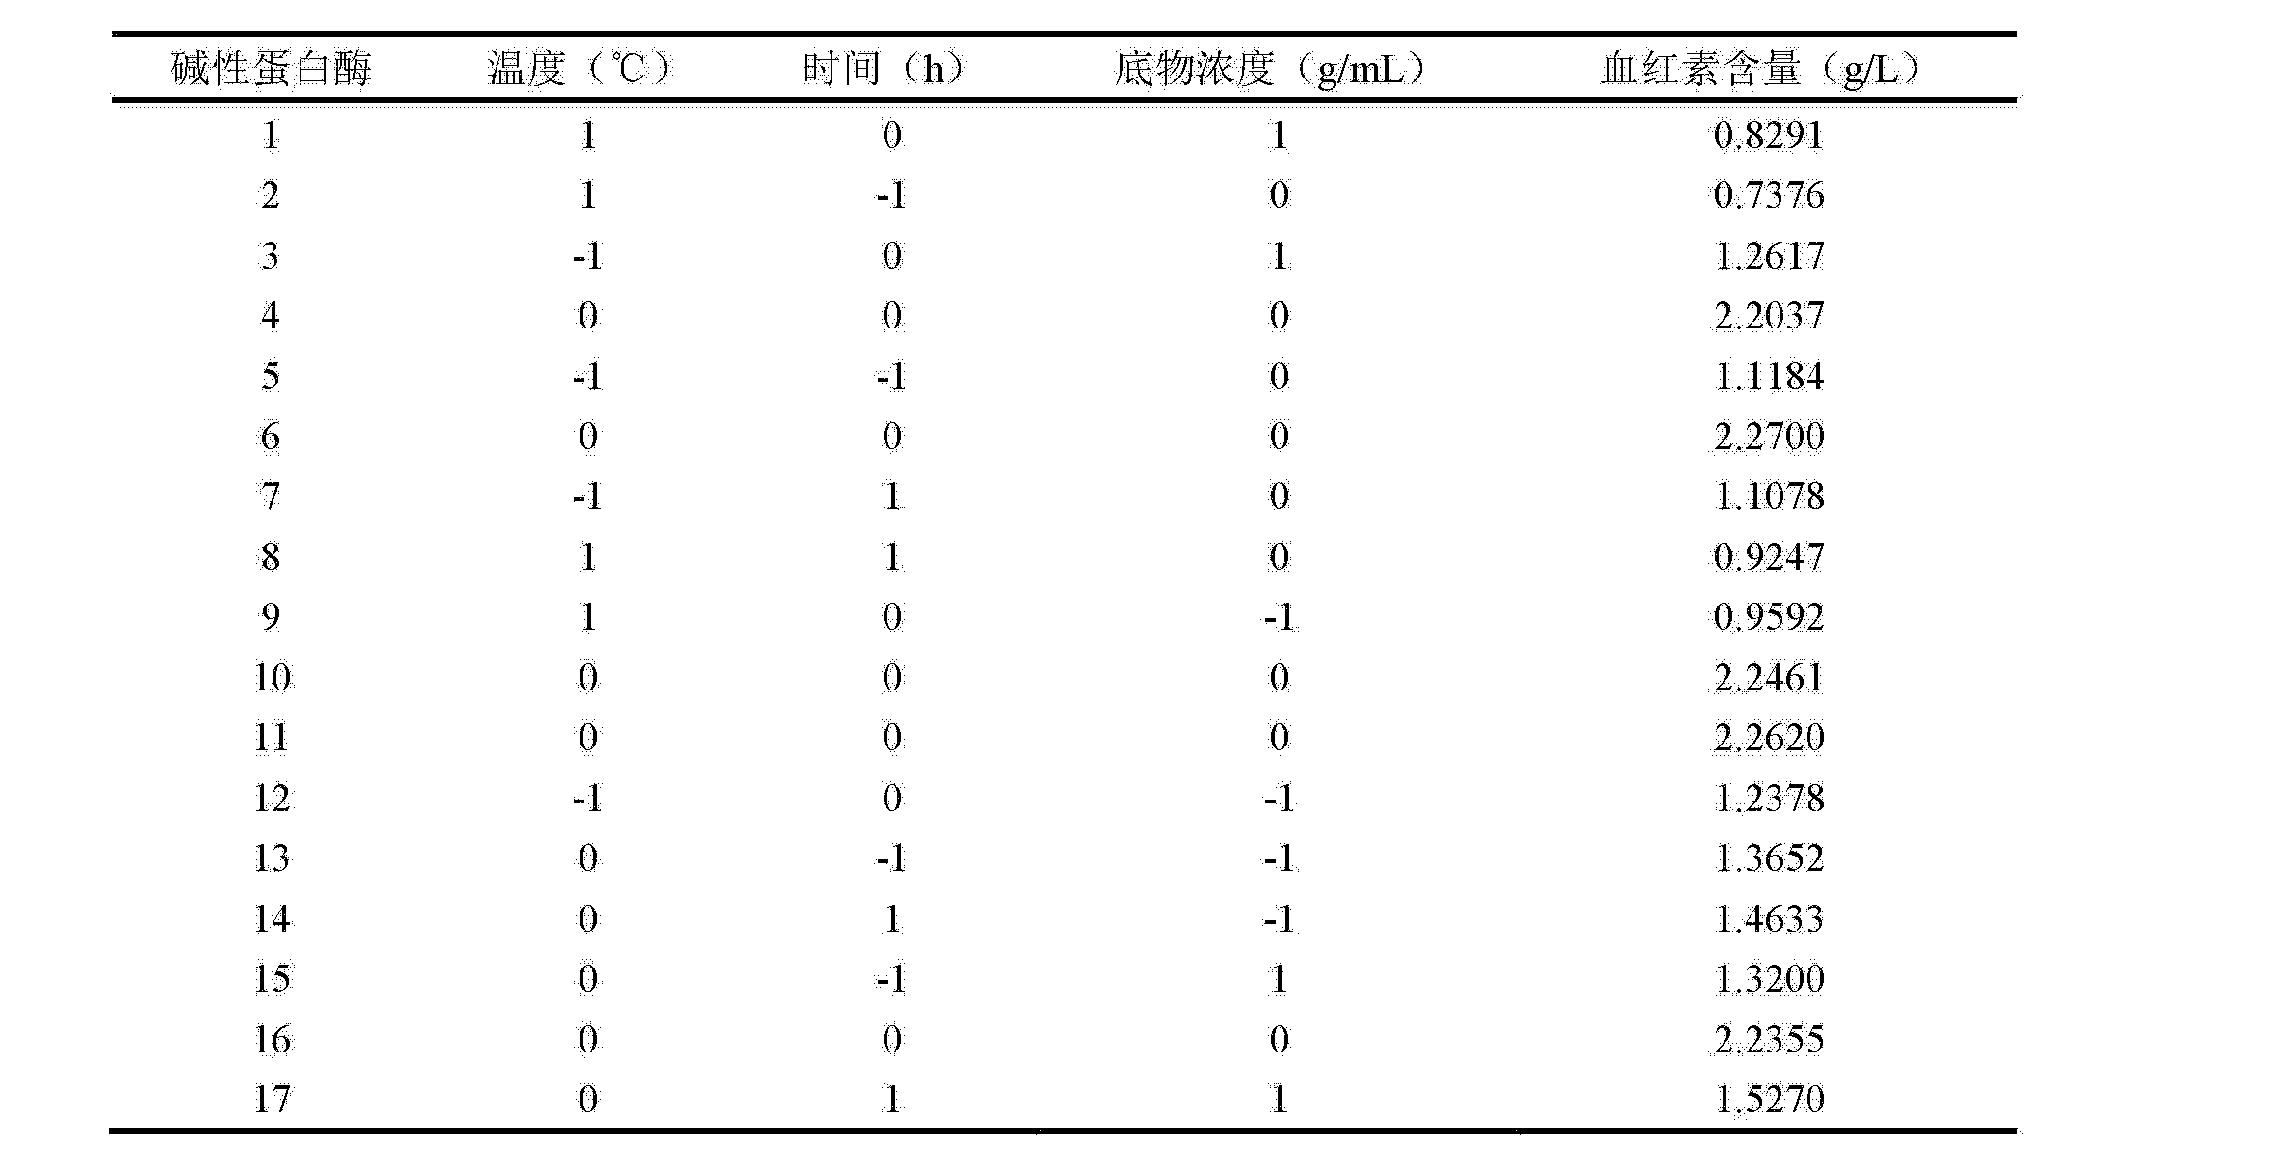 表2回归模型方差分析